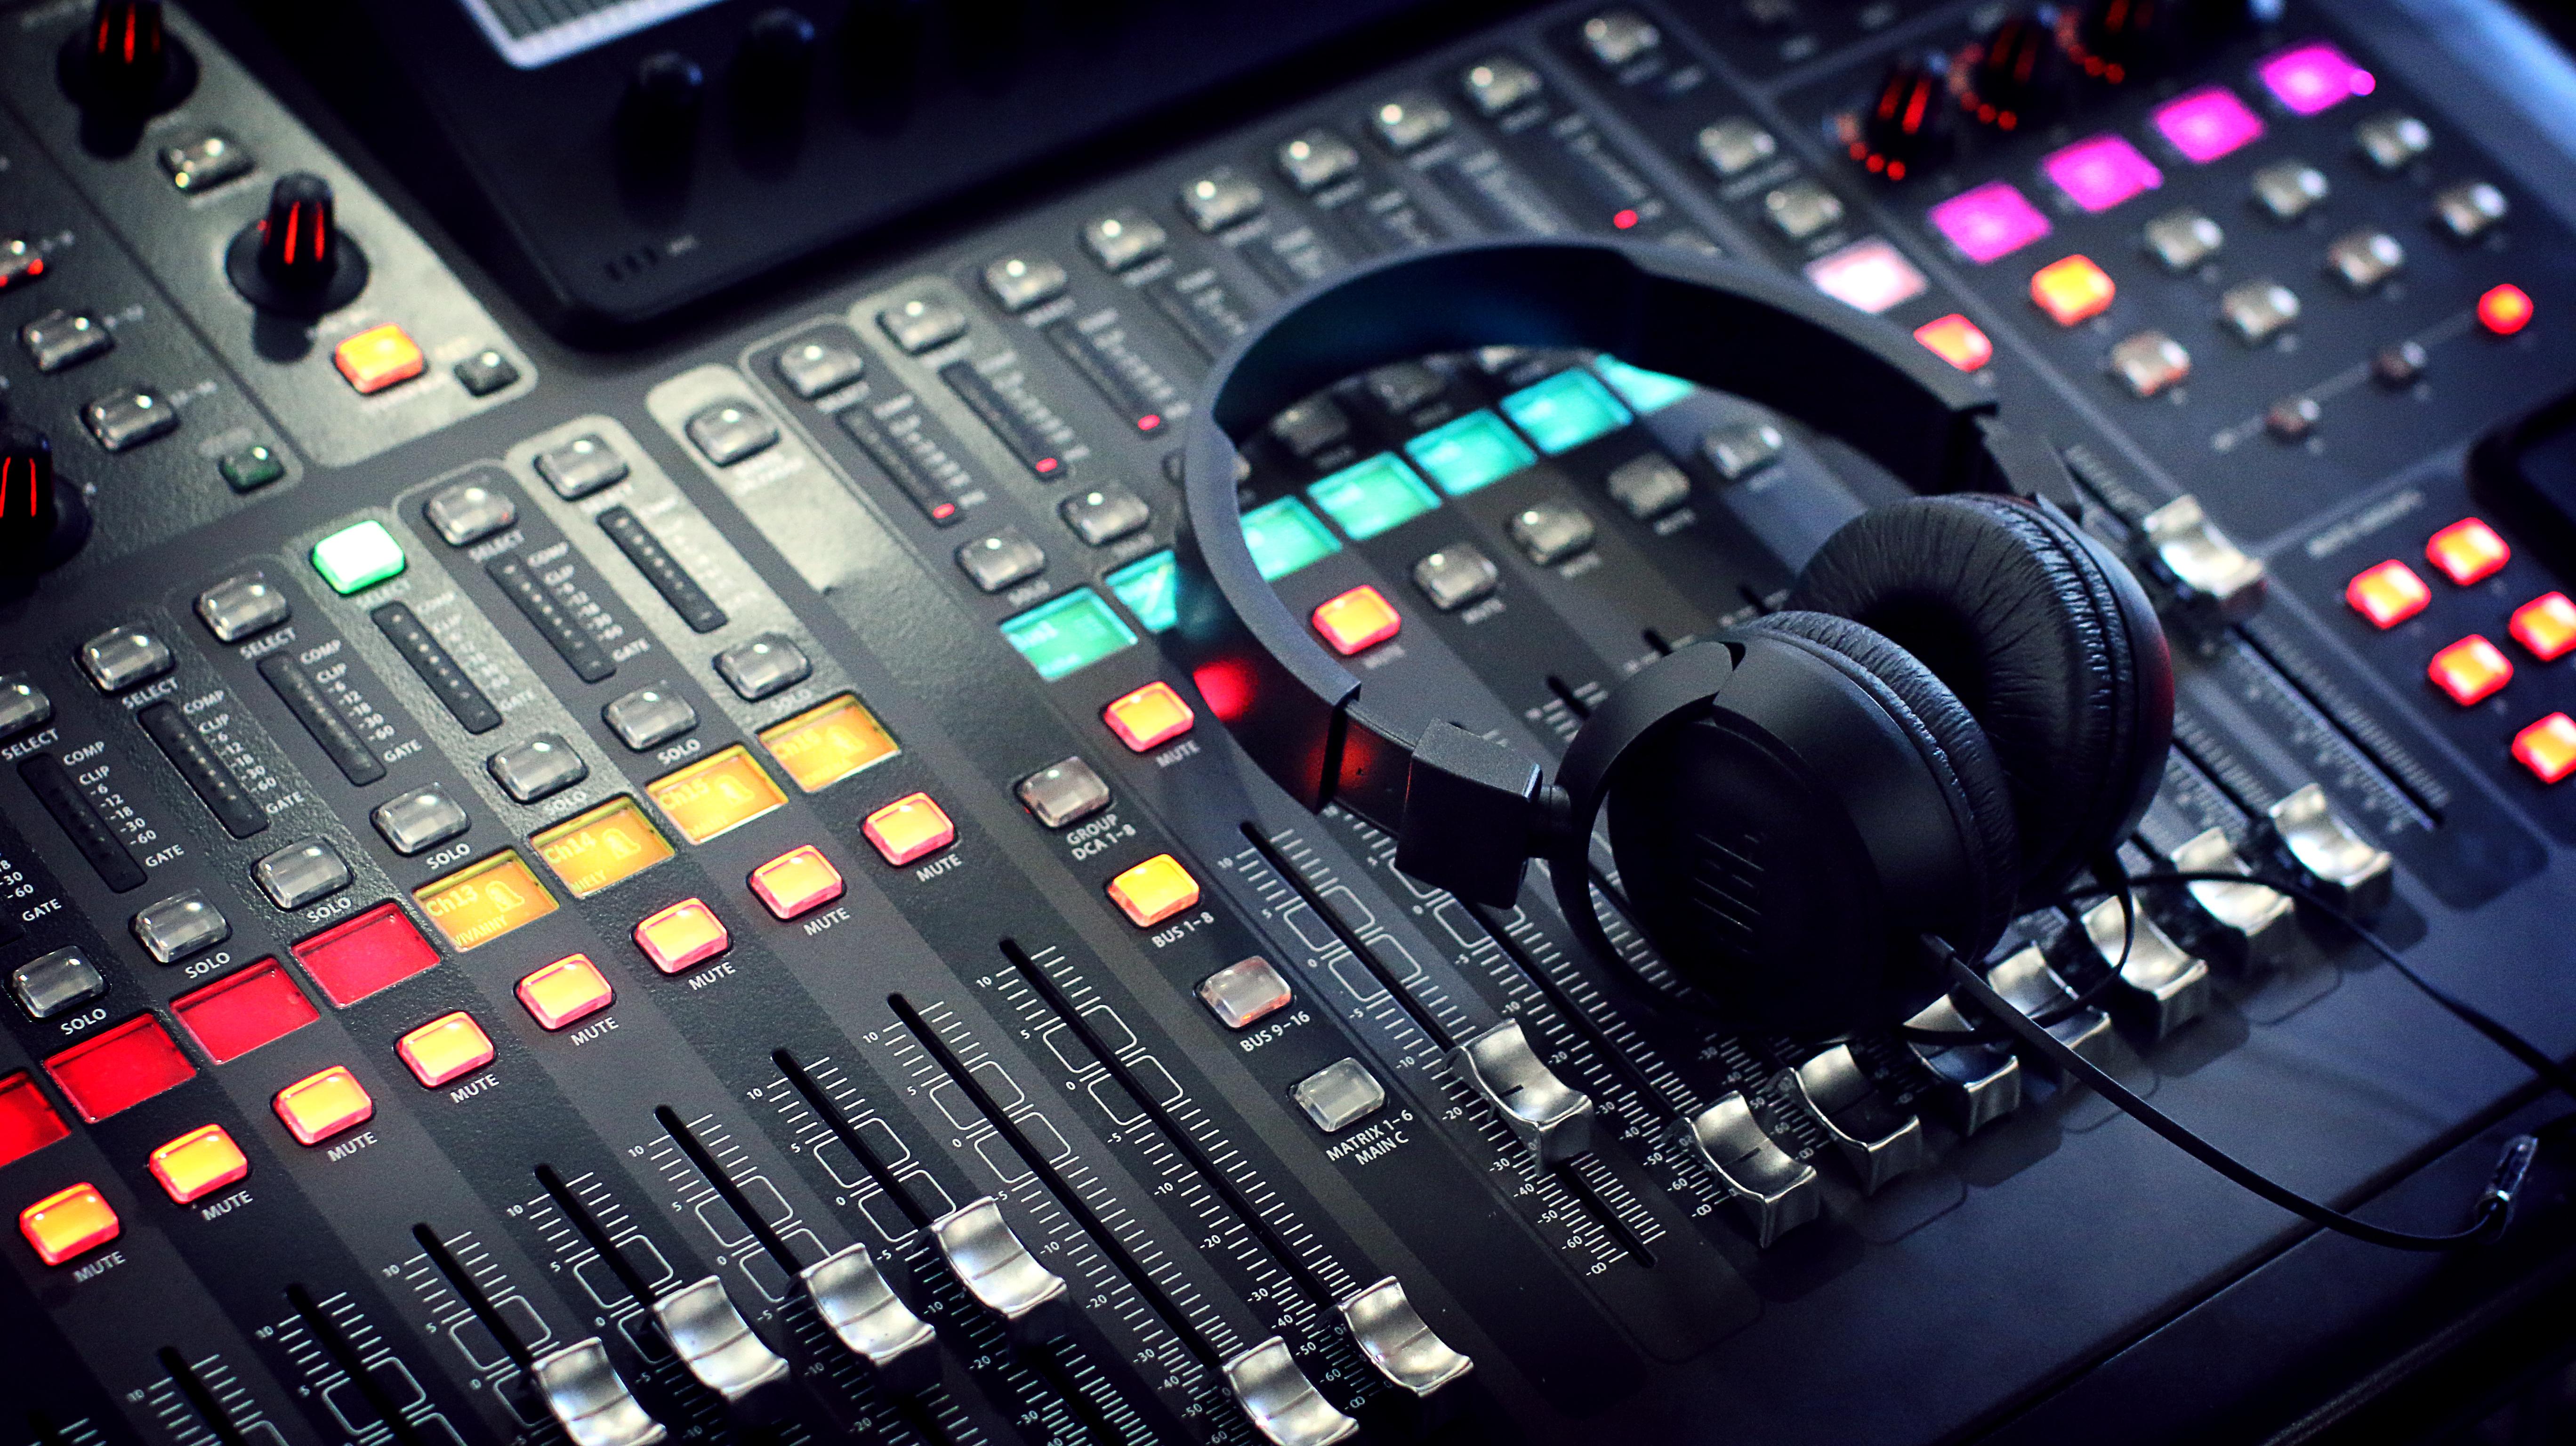 Come diventare tecnico del suono: piccola guida per una carriera nell'audio